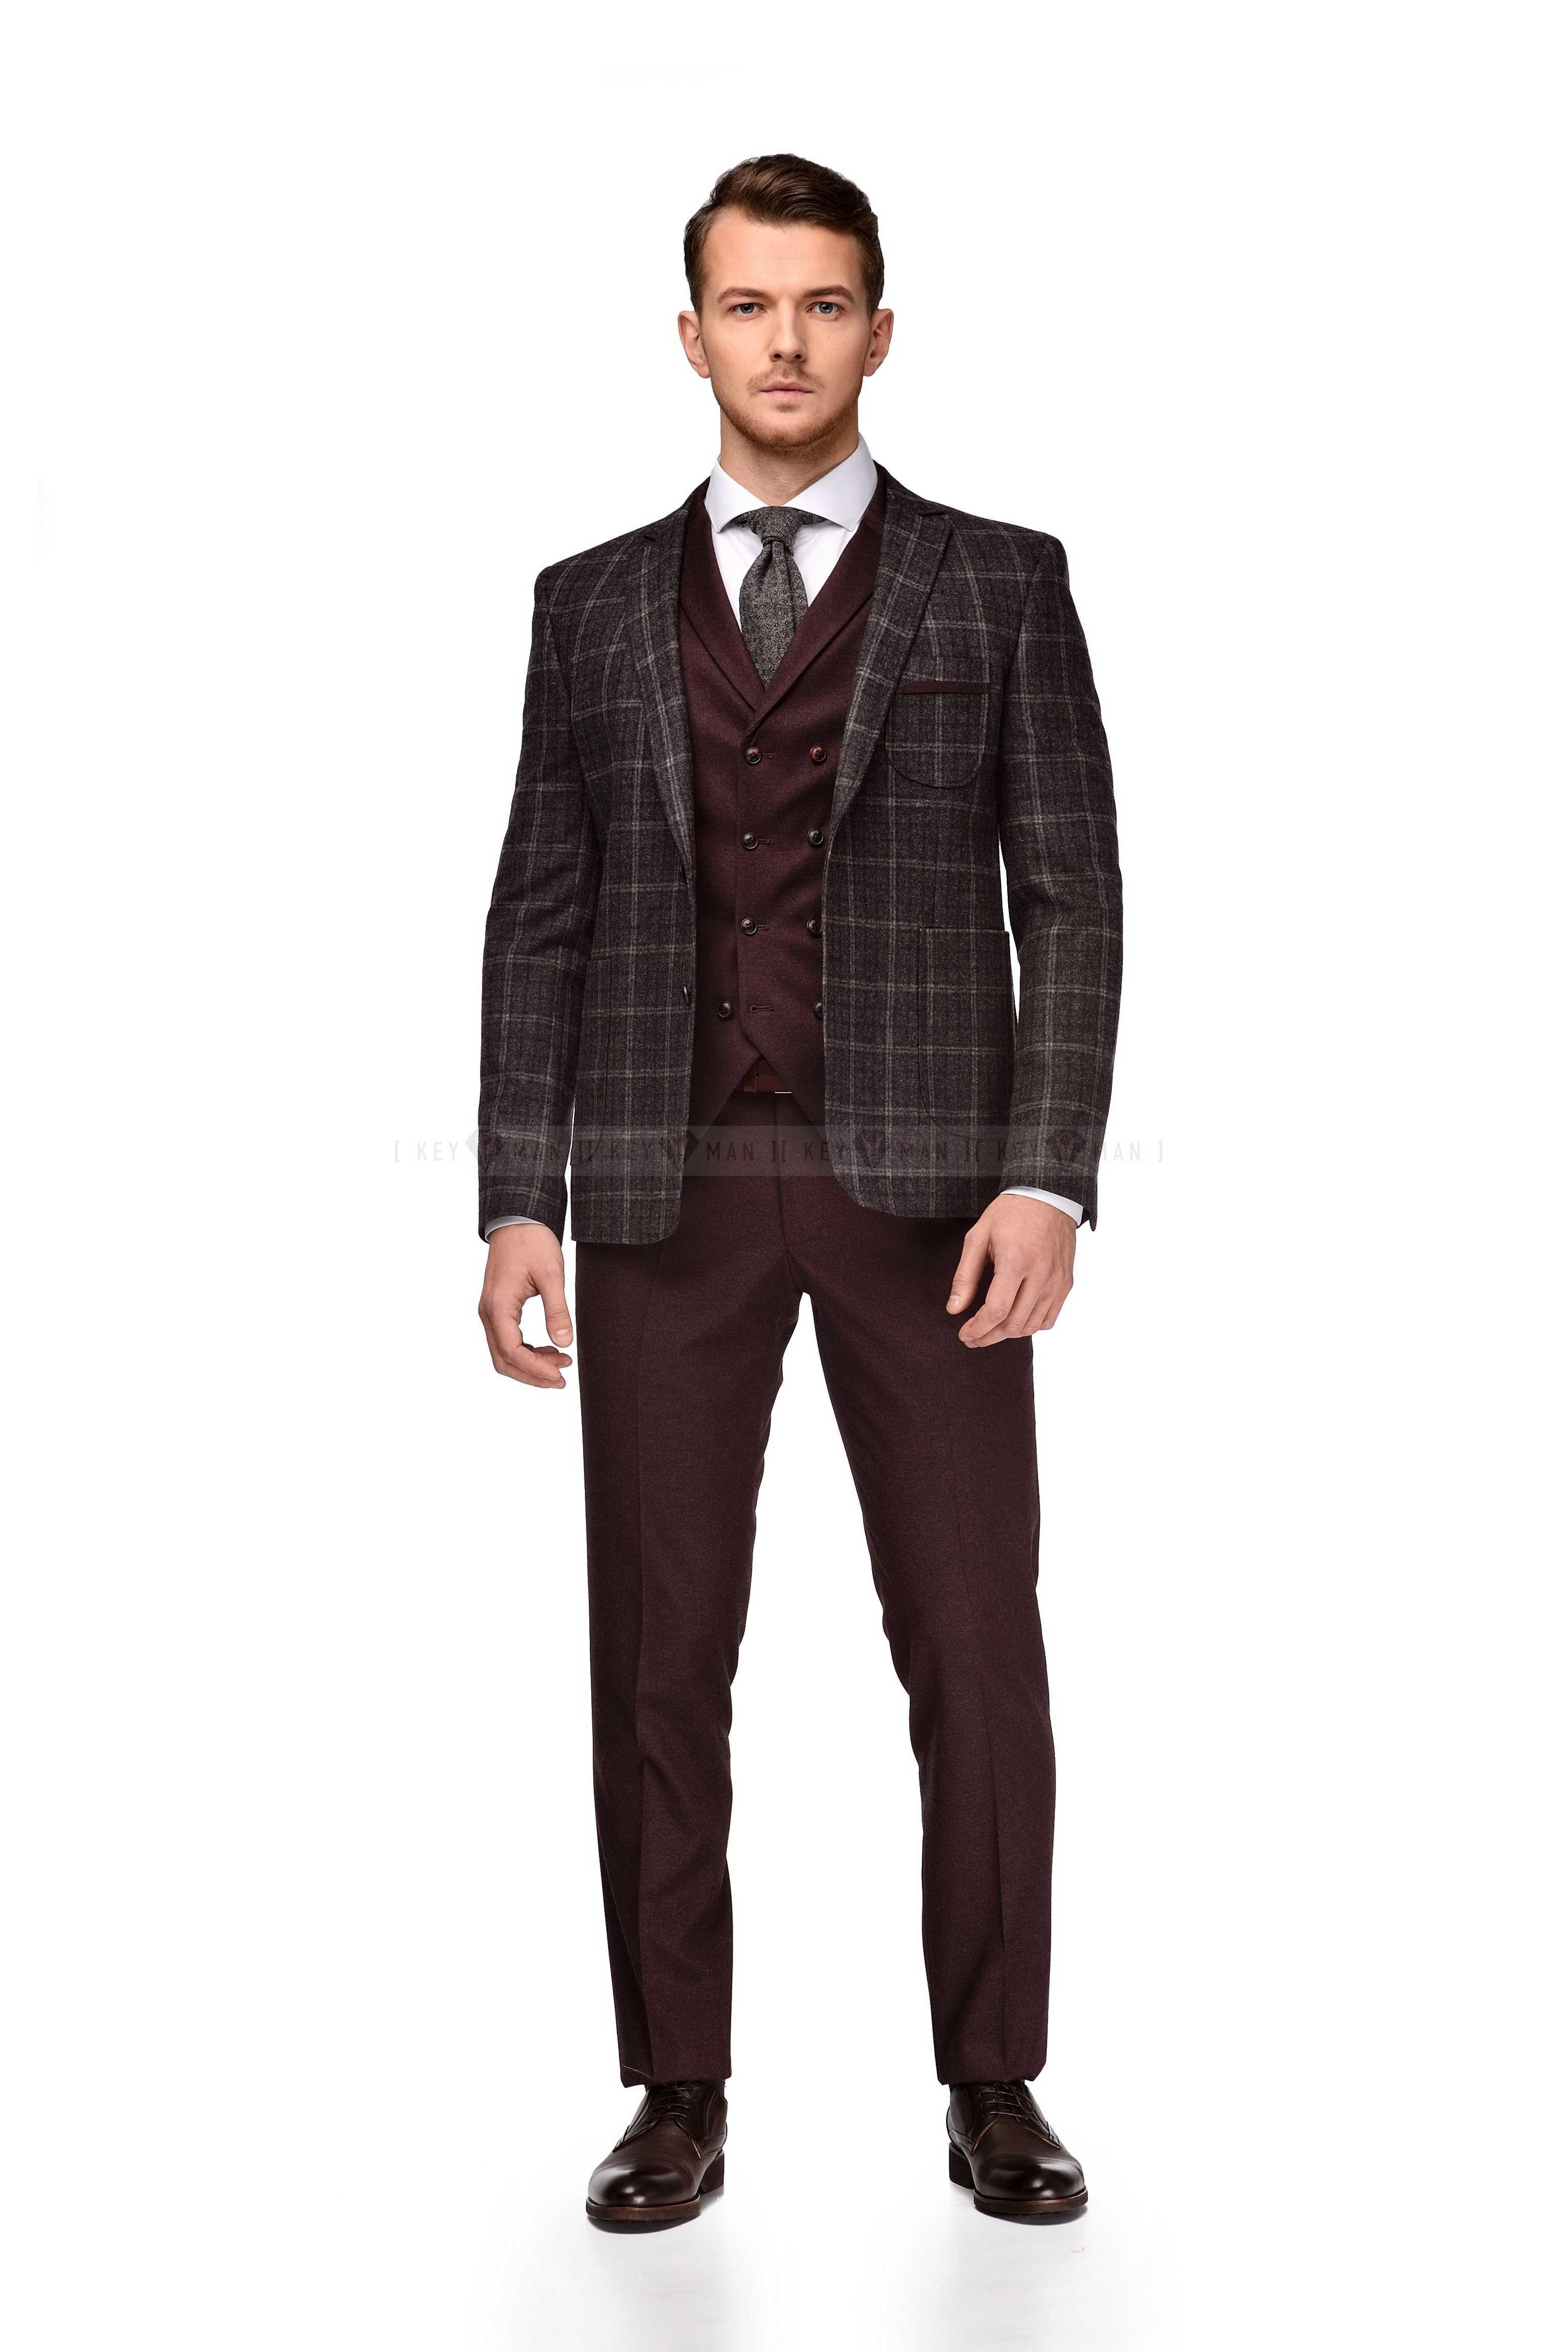 Костюм мужской тройка серо-бордовый пиджак в клетку (грубая шерсть)